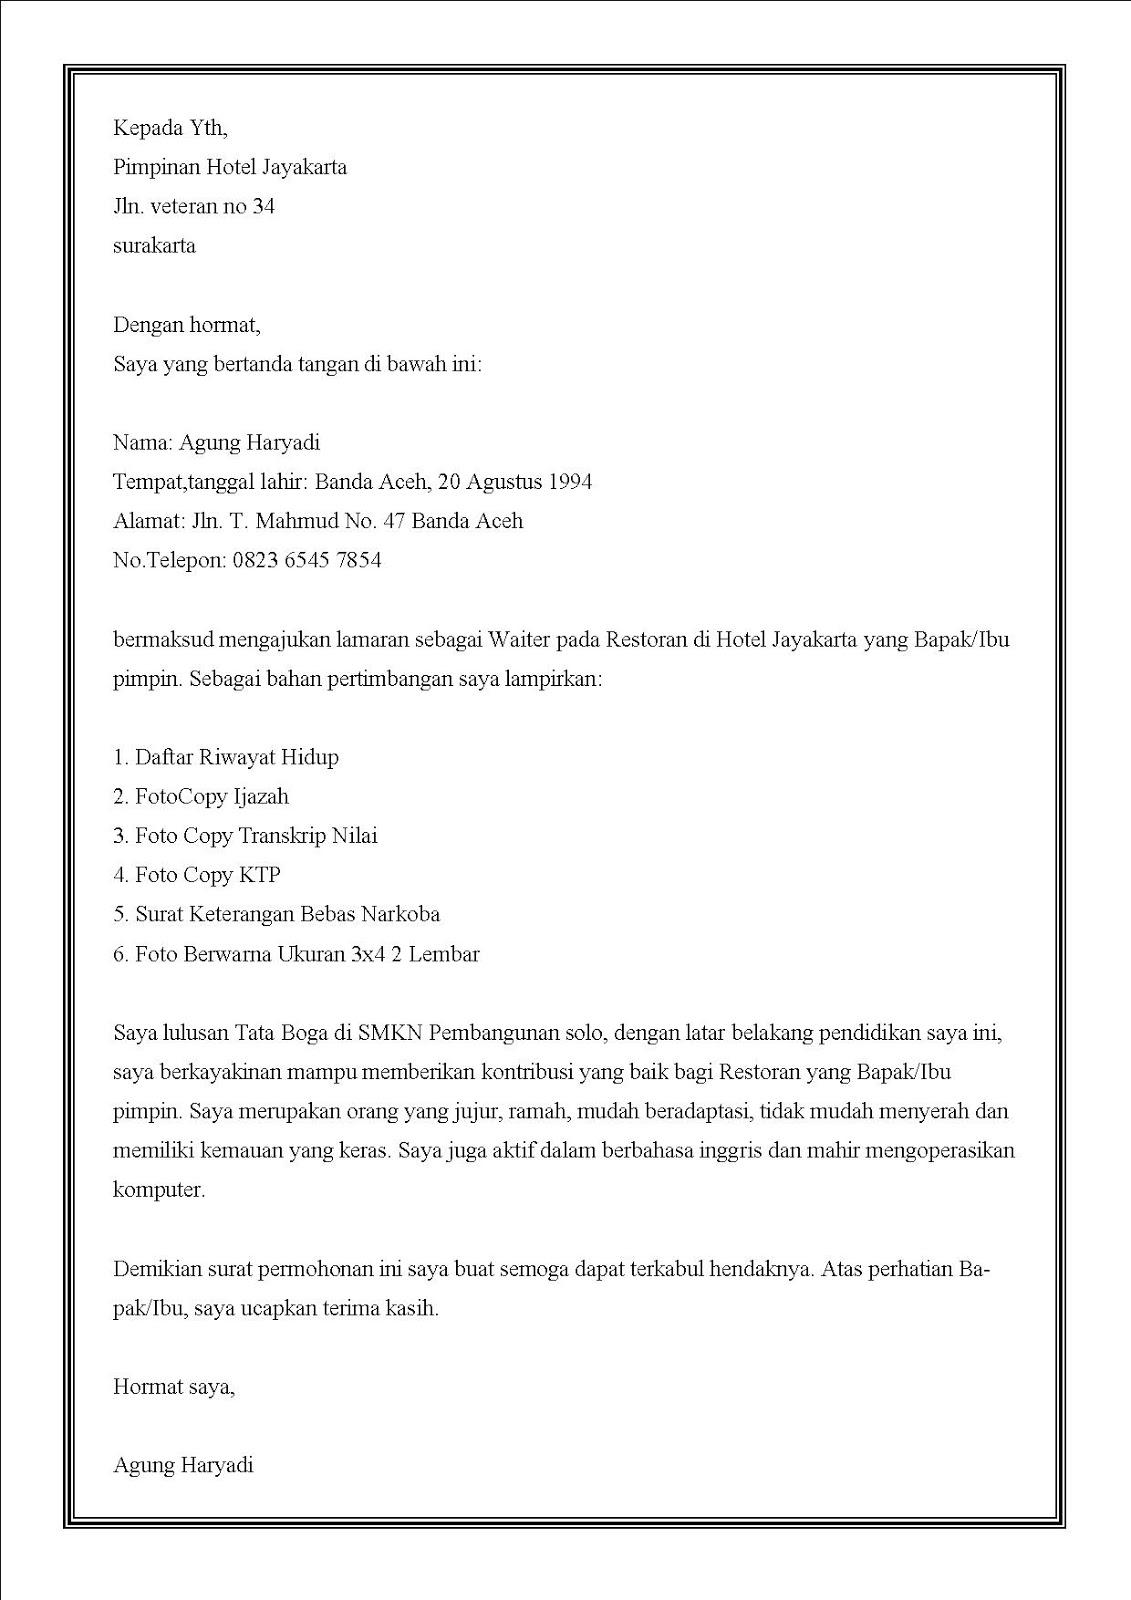 21 Contoh Surat Lamaran Kerja Di Hotel Lengkap Dengan